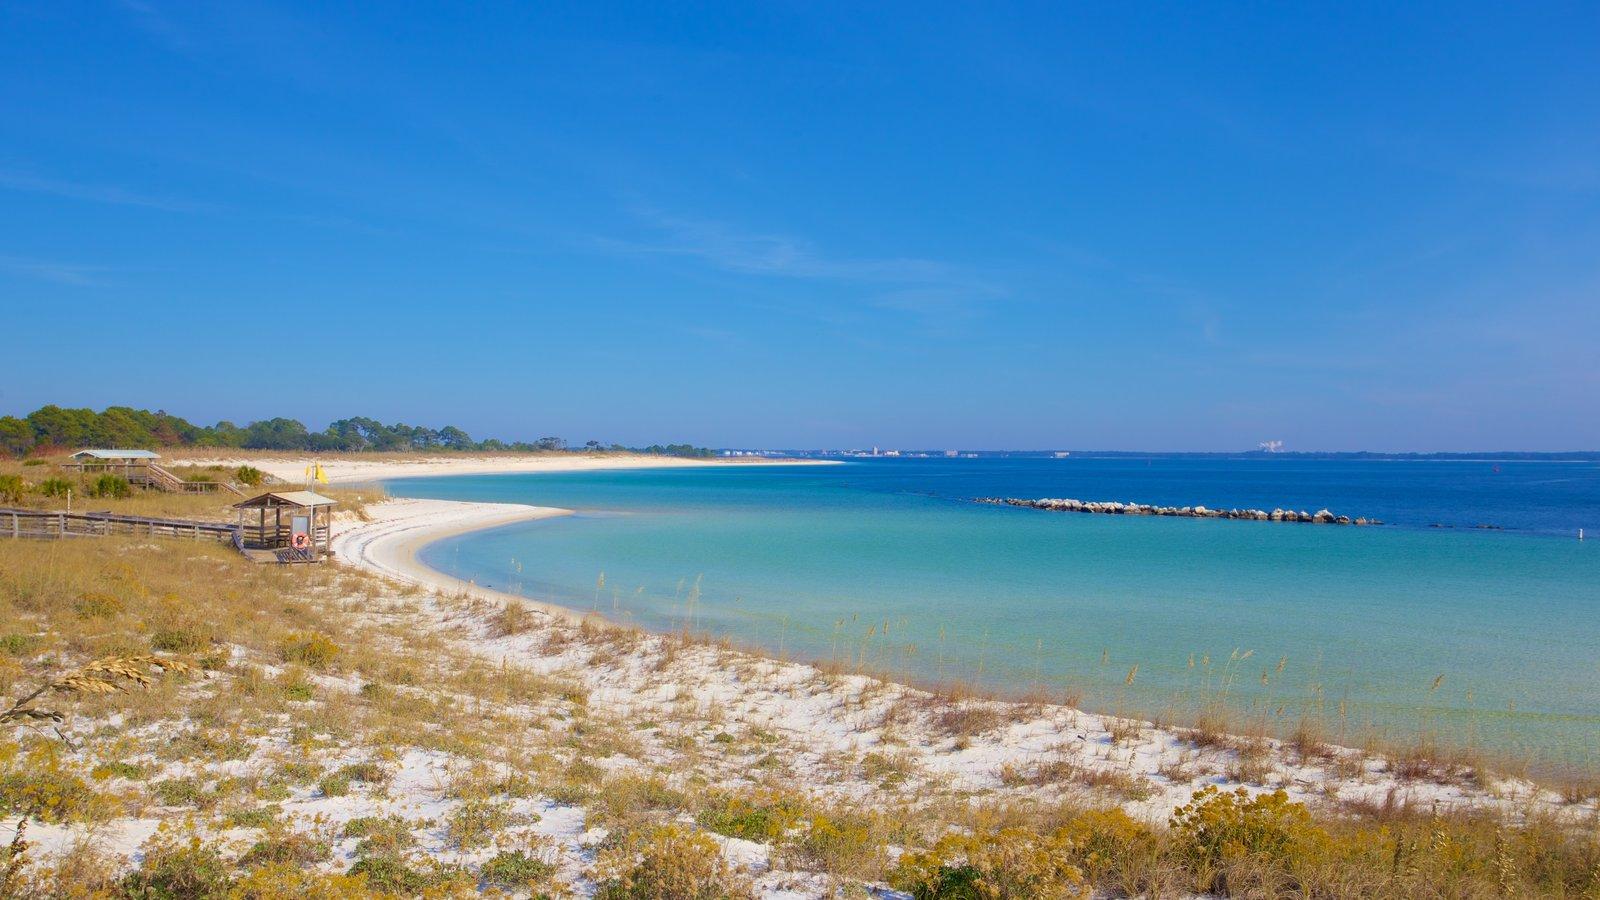 St. Andrews State Park que inclui cenas tranquilas e uma praia